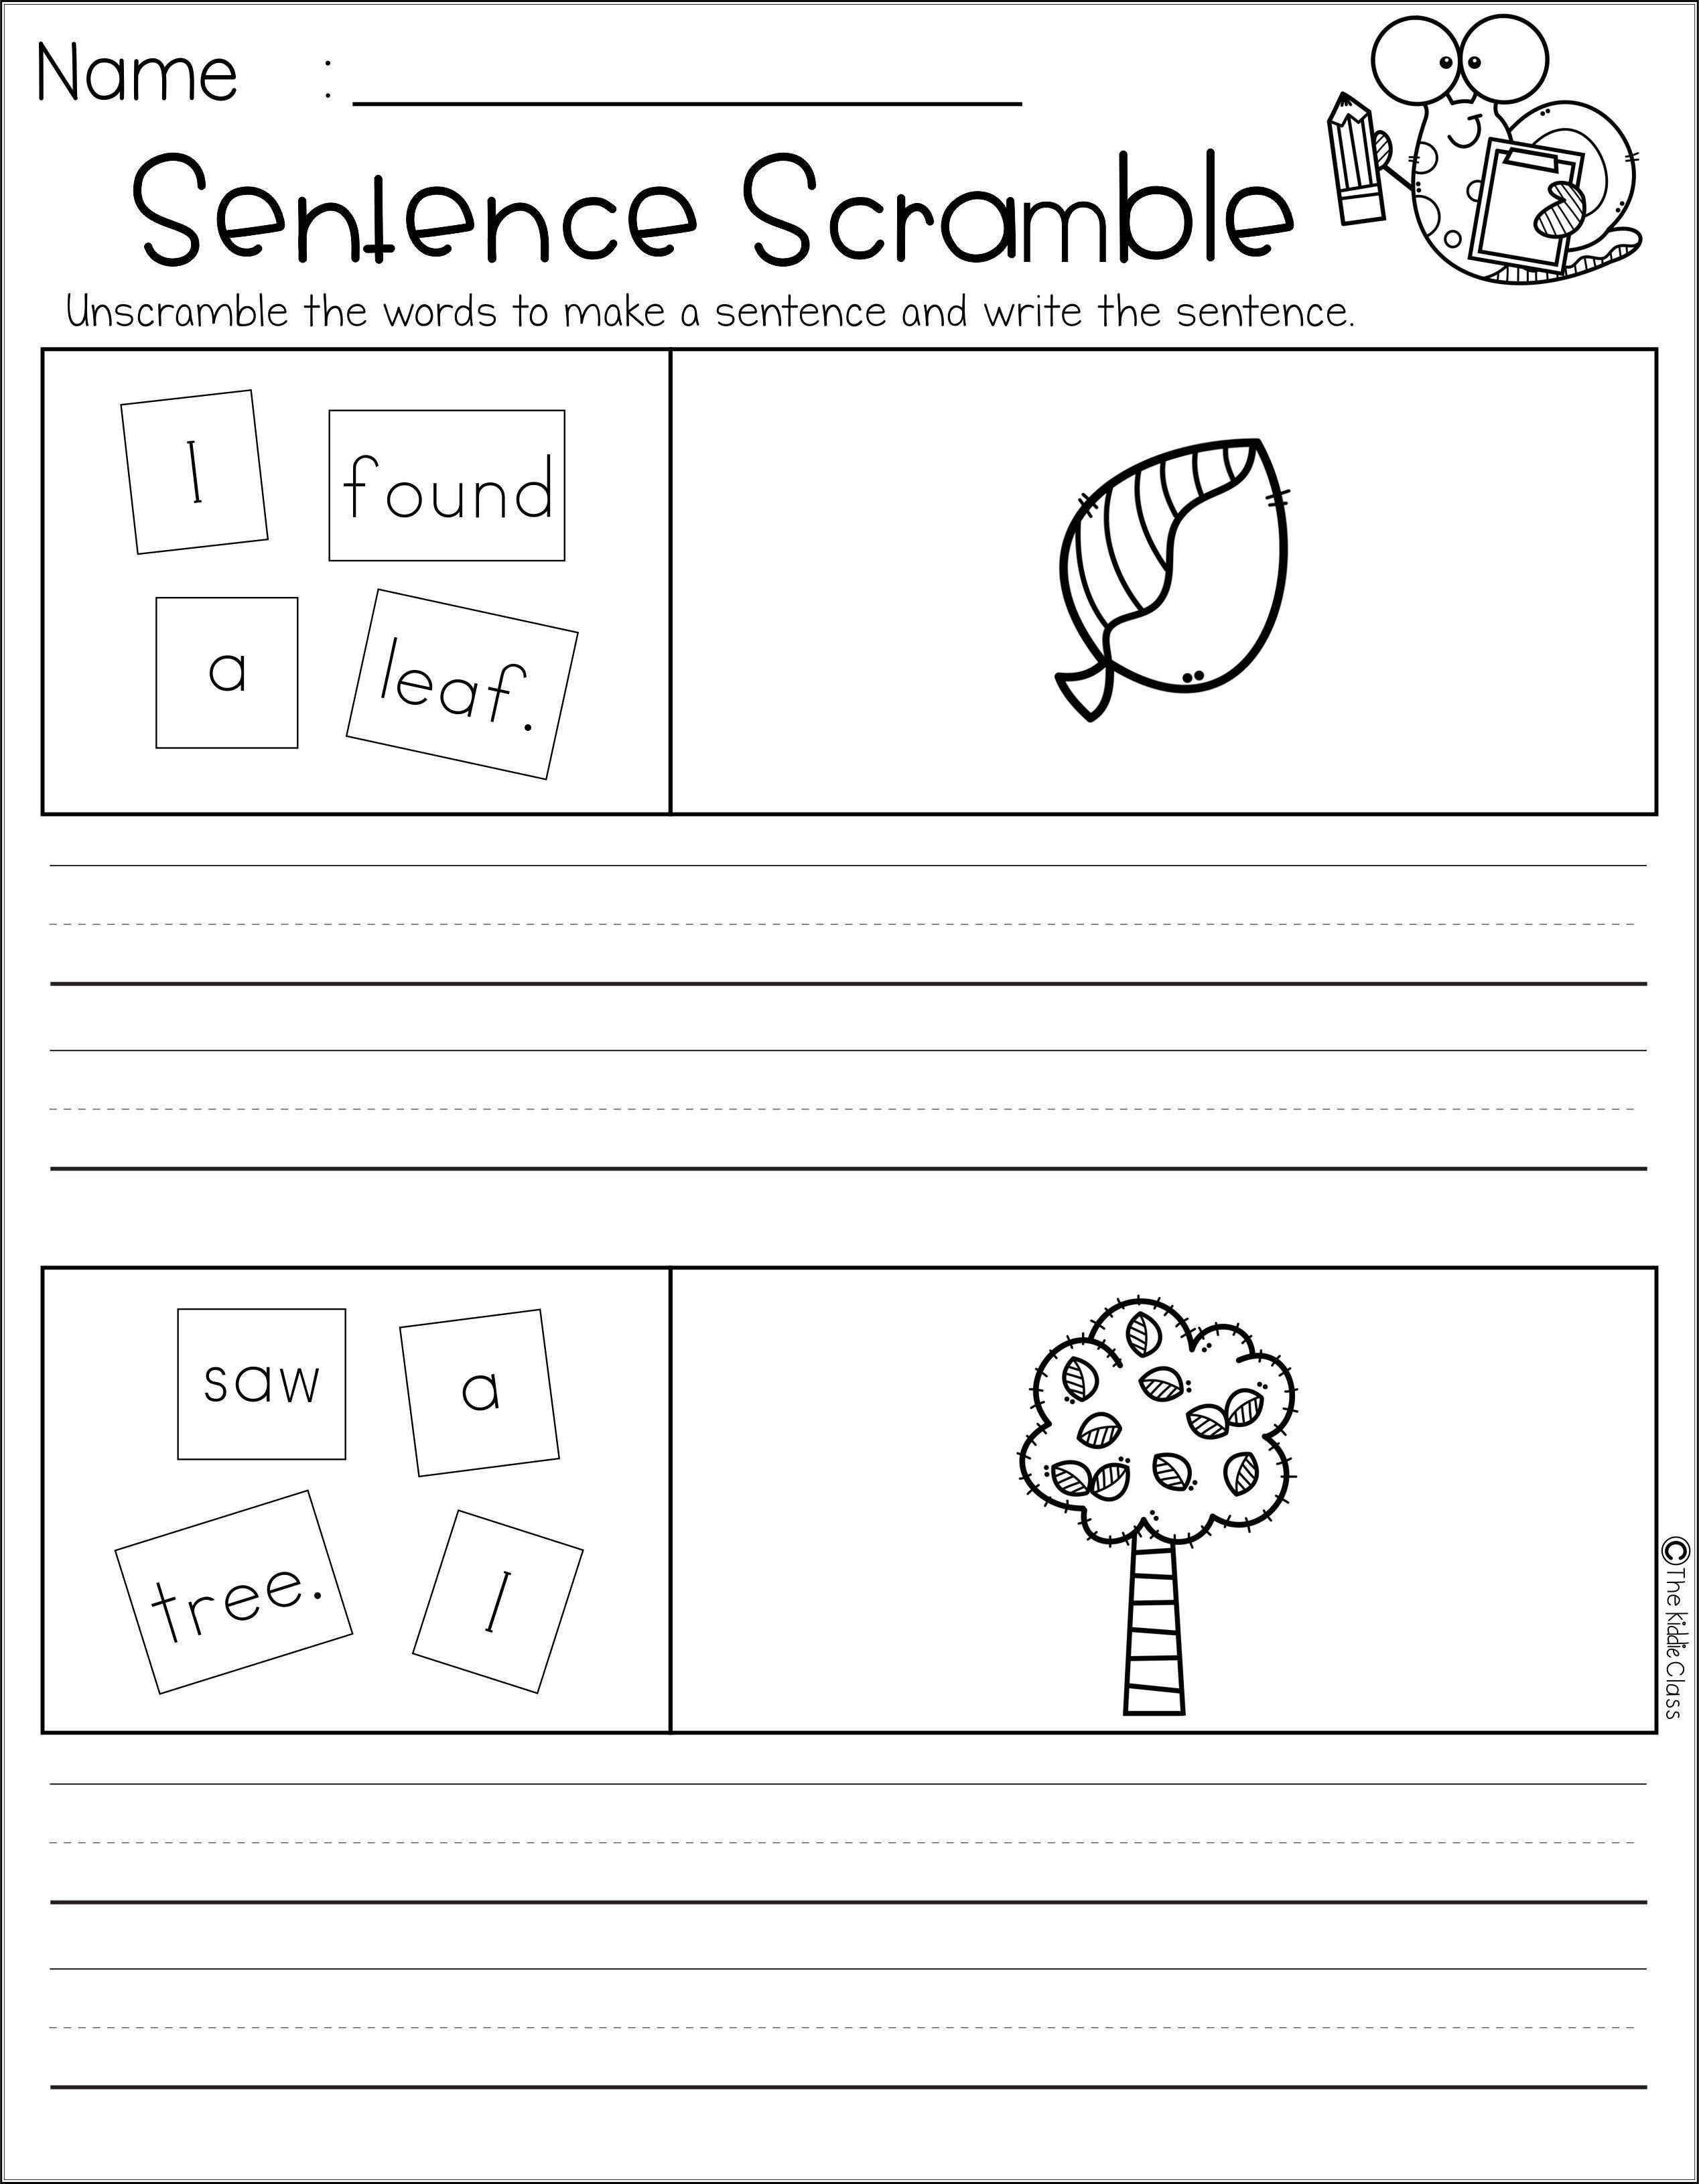 Free Sentence Scramble Sentence Scramble Sentences Kindergarten Kindergarten Worksheets [ 3260 x 2536 Pixel ]